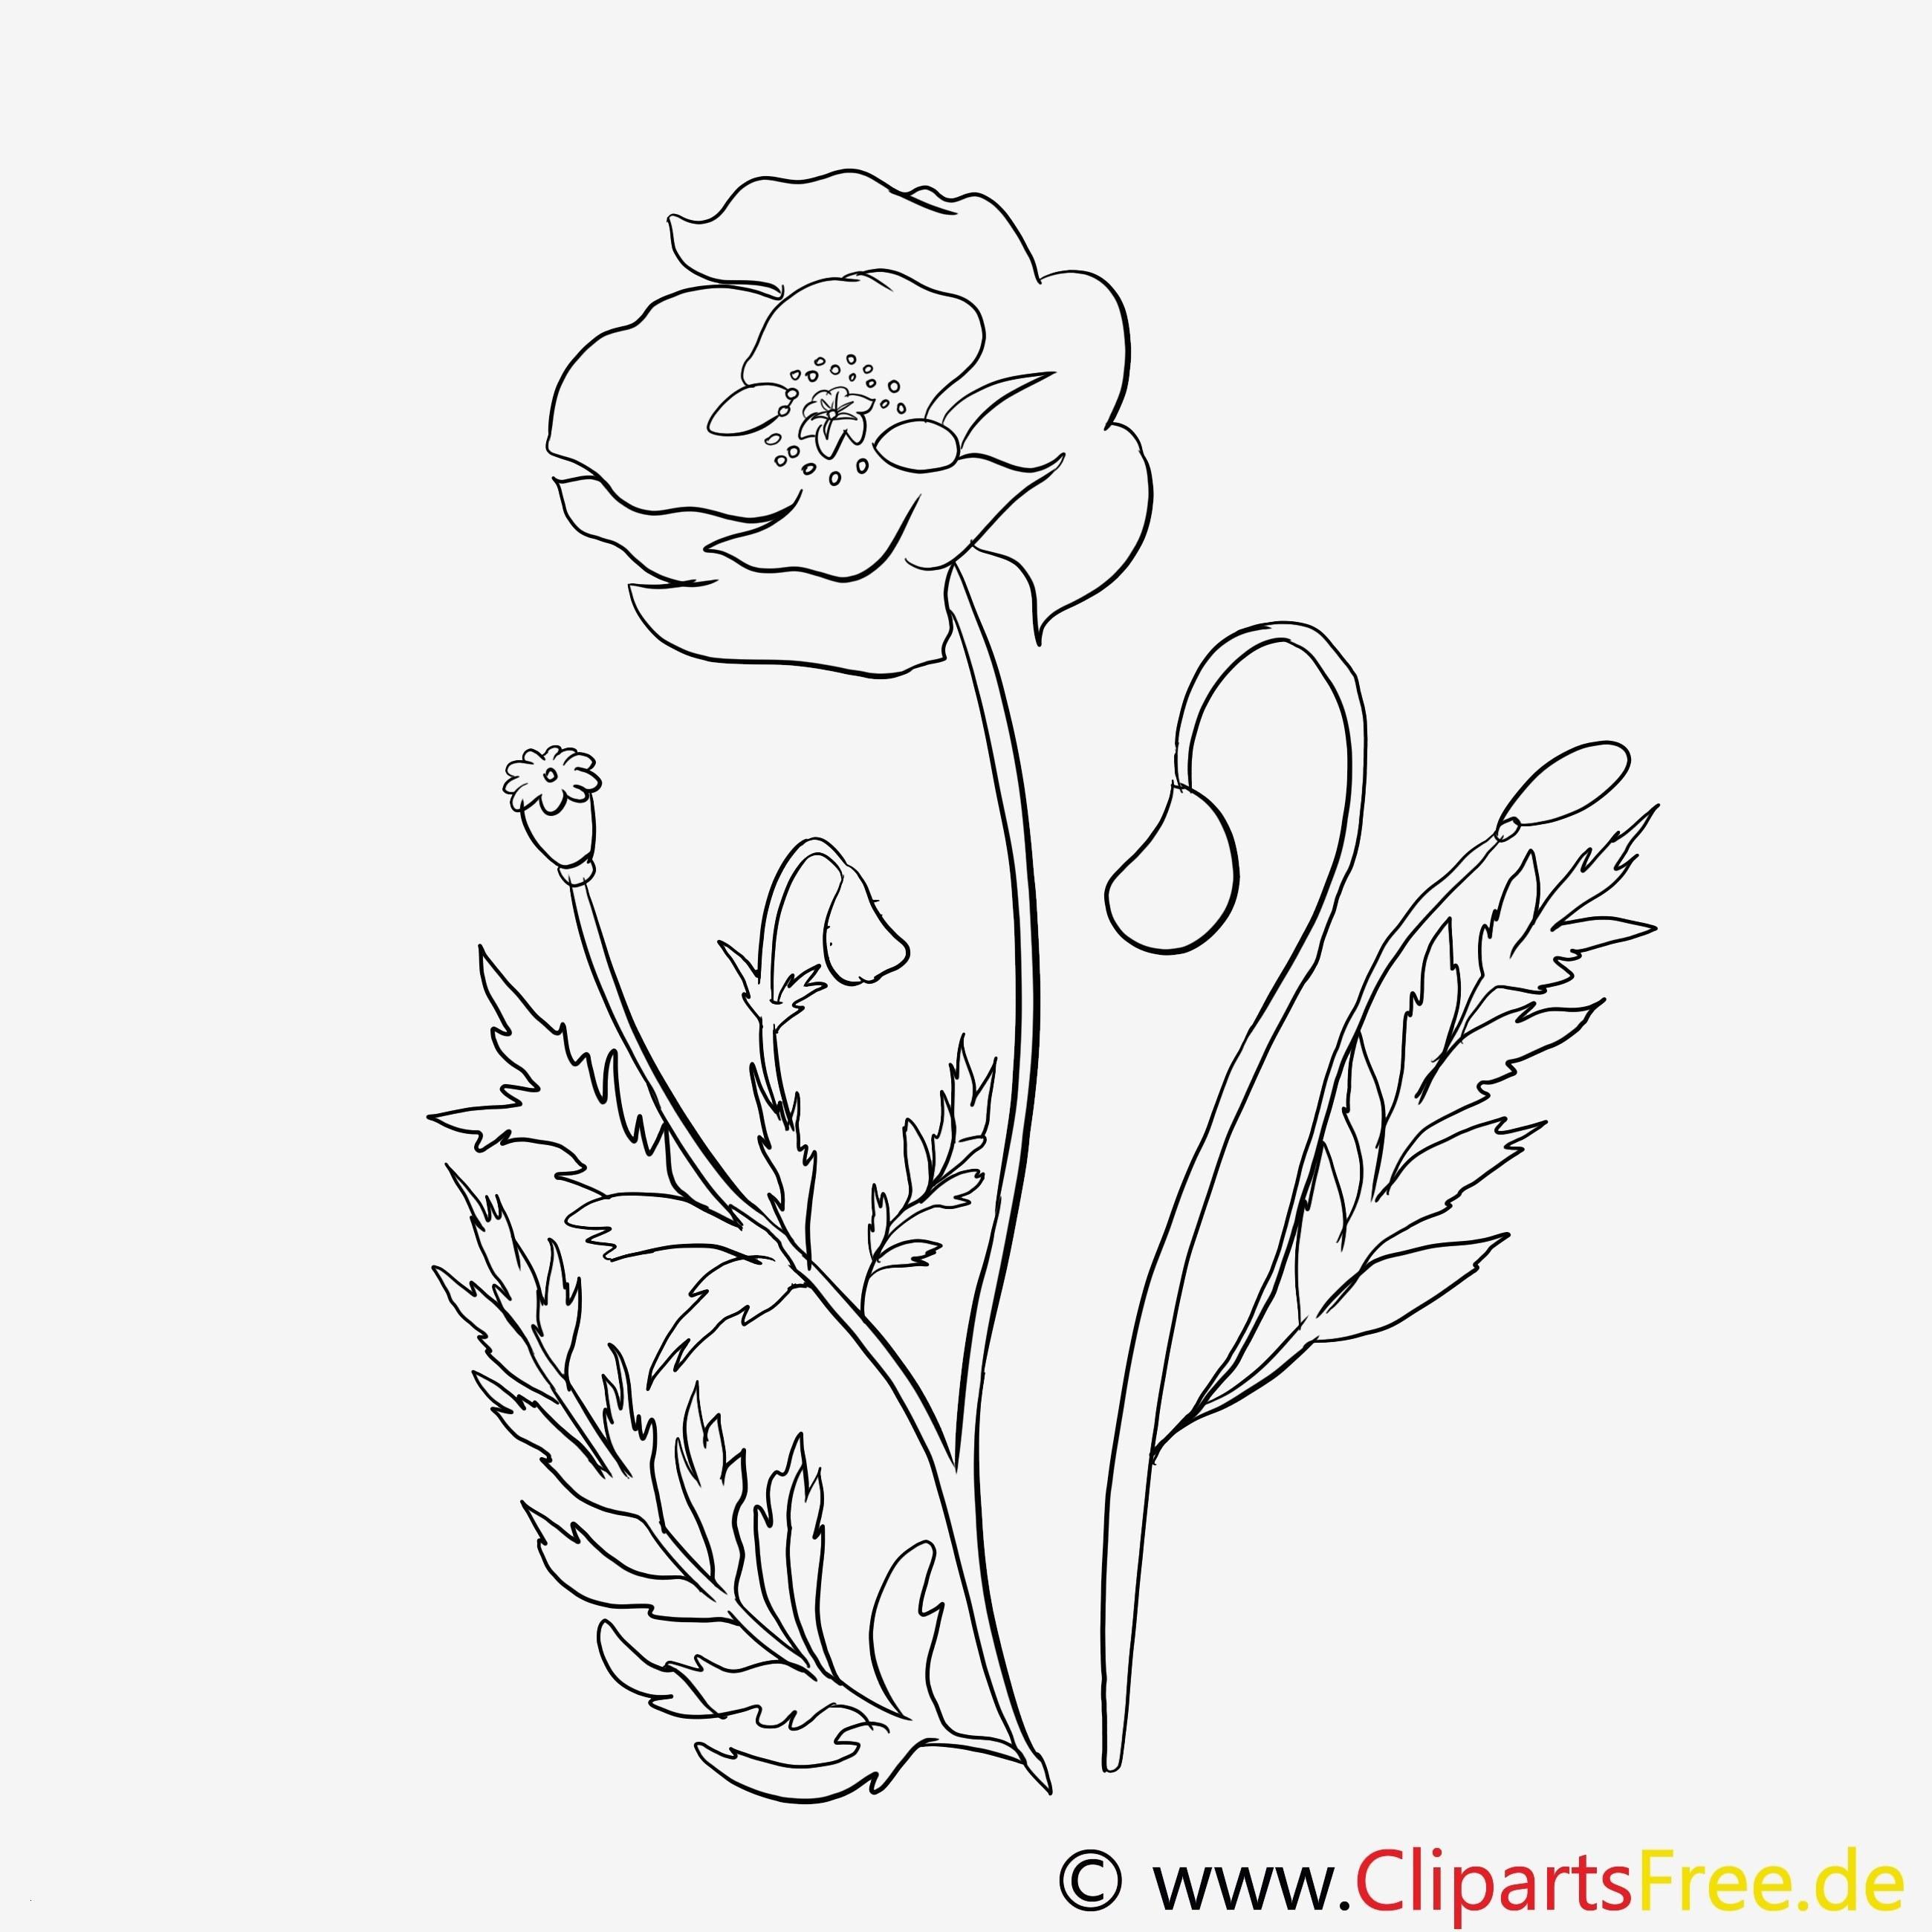 Malvorlagen Blumen Ranken Inspirierend Karte Blumen Neuestes S S Media Cache Ak0 Pinimg originals 0d F2 3a Bild